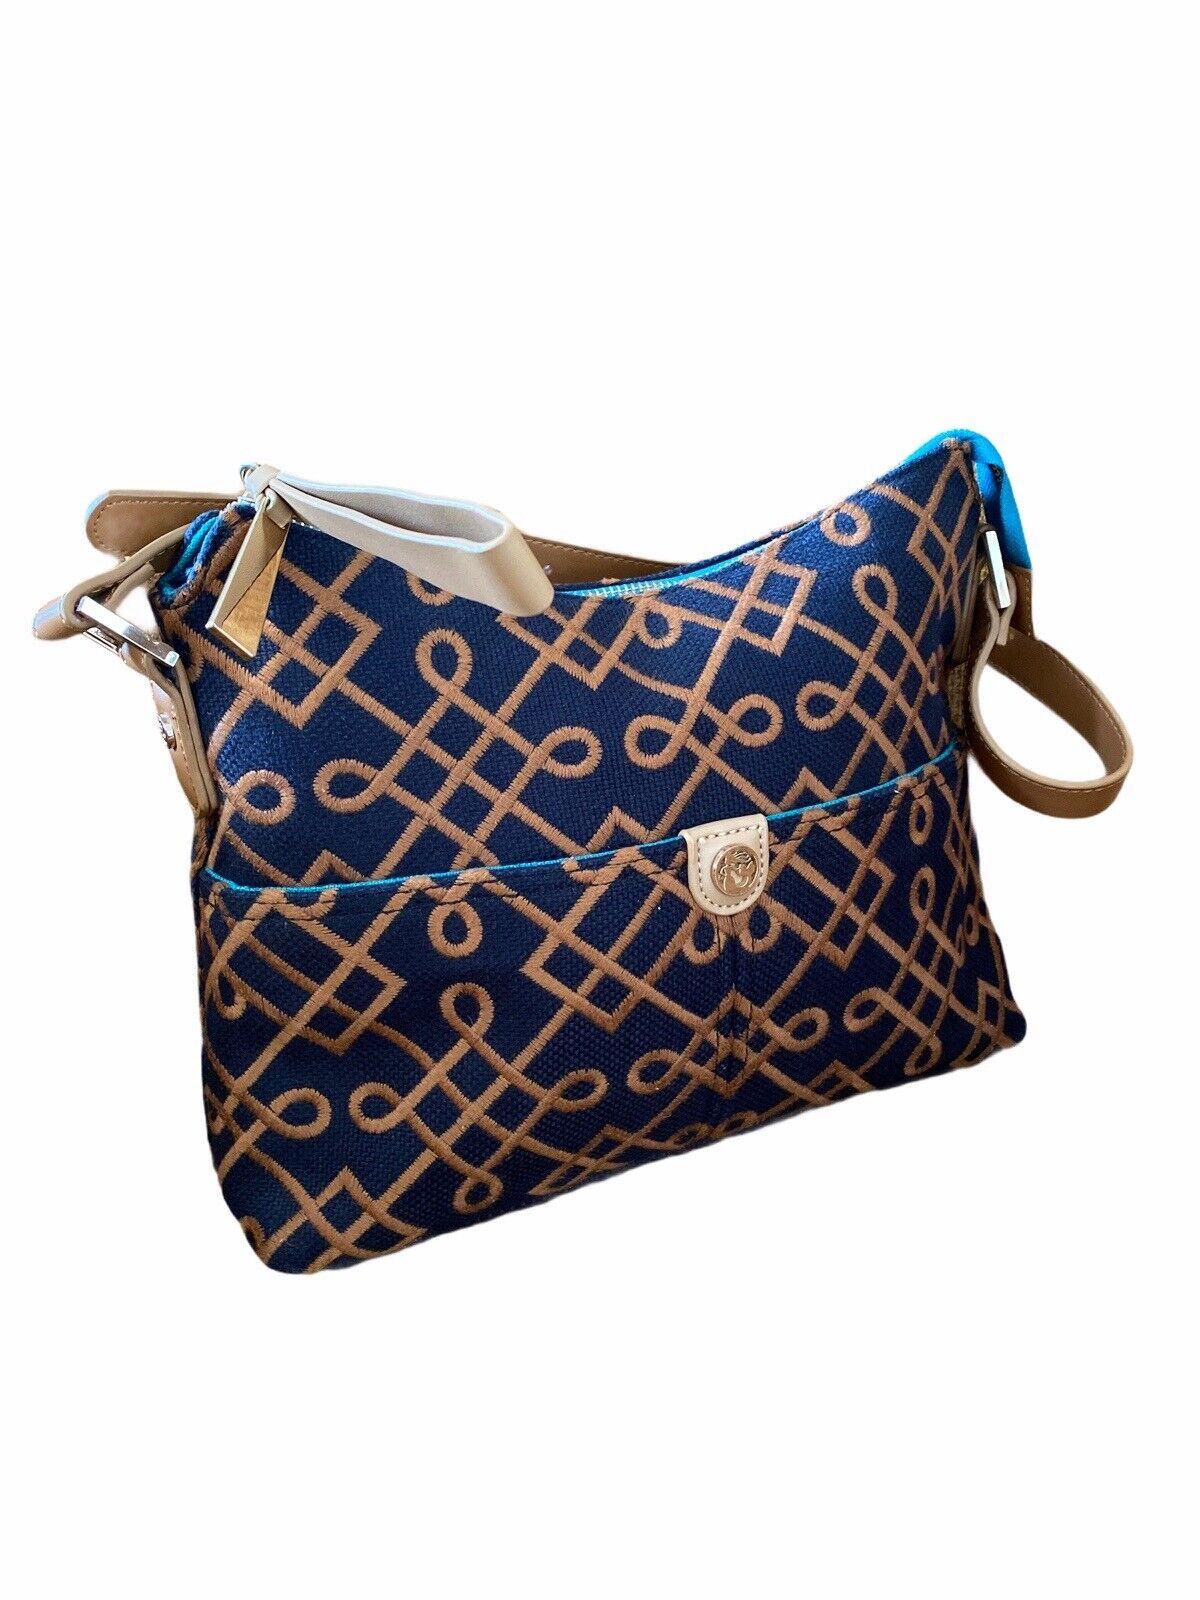 Spartina Shoulder Bag Leather Linen Black